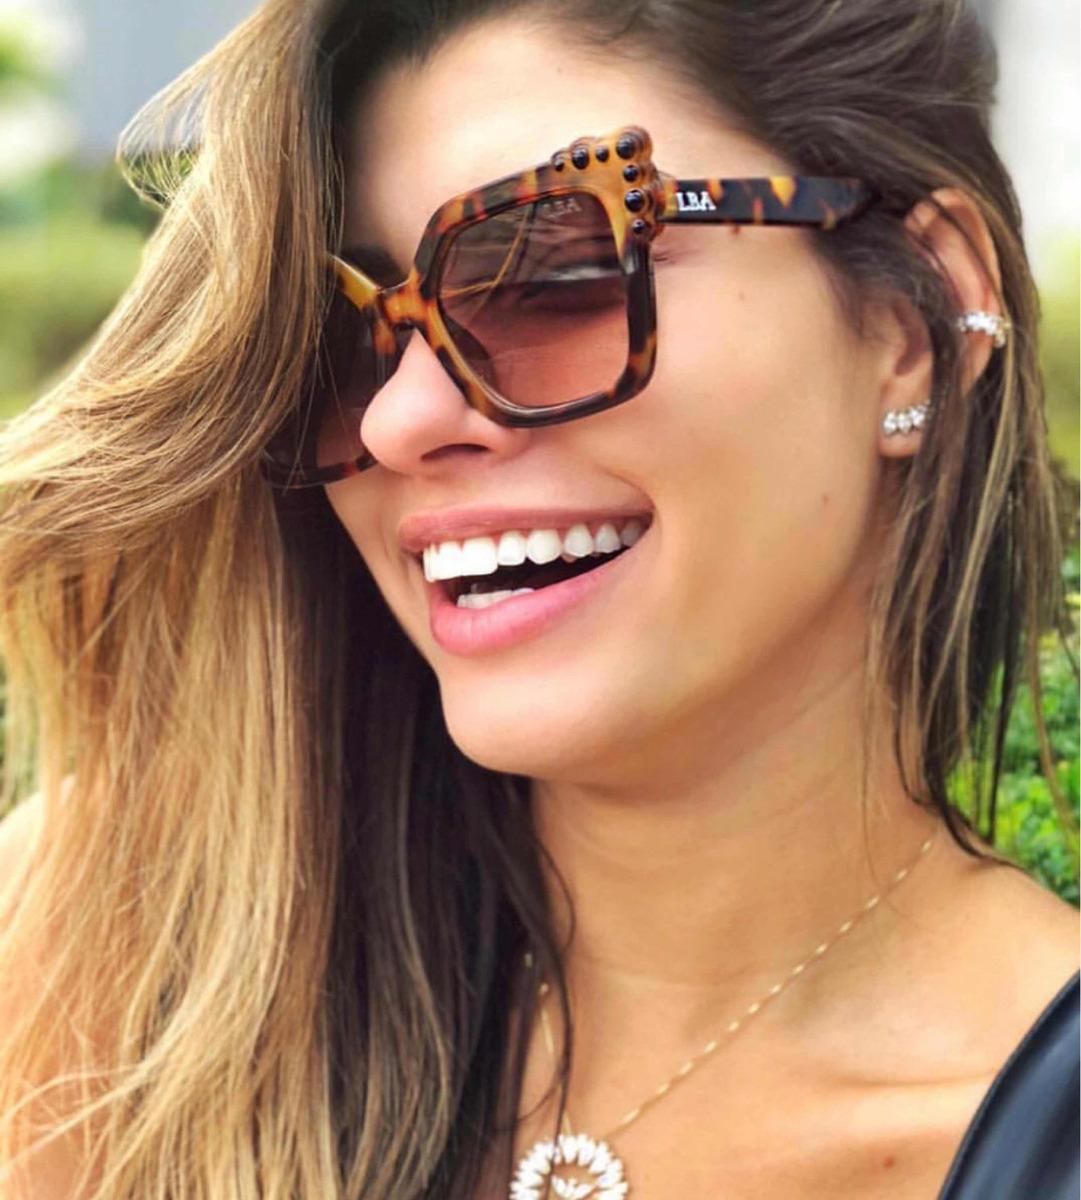 77a6d63ee Óculos Lba - R$ 49,90 em Mercado Livre